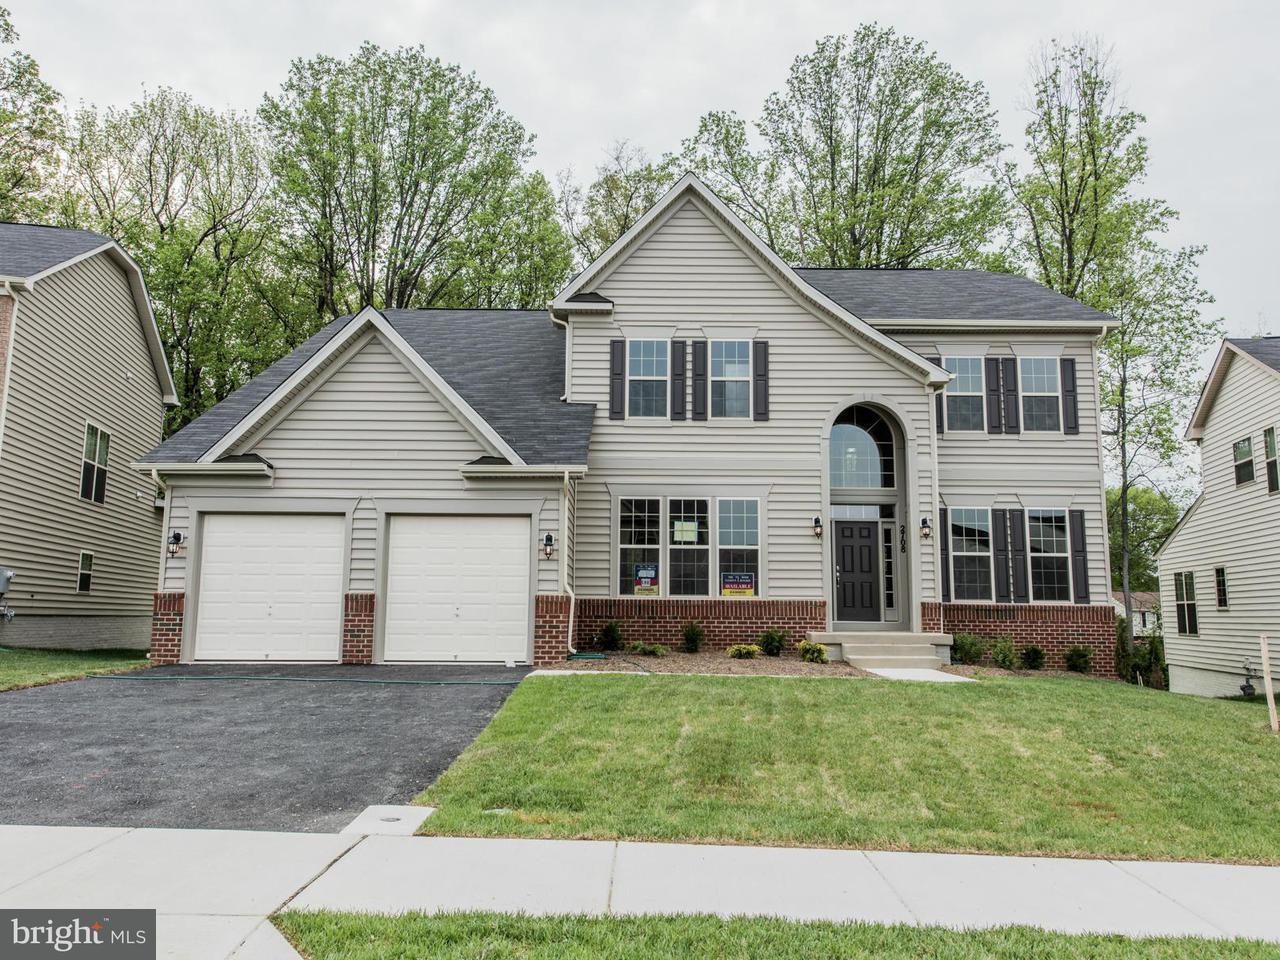 Einfamilienhaus für Verkauf beim 2402 ST. NICHOLAS WAY 2402 ST. NICHOLAS WAY Glenarden, Maryland 20706 Vereinigte Staaten